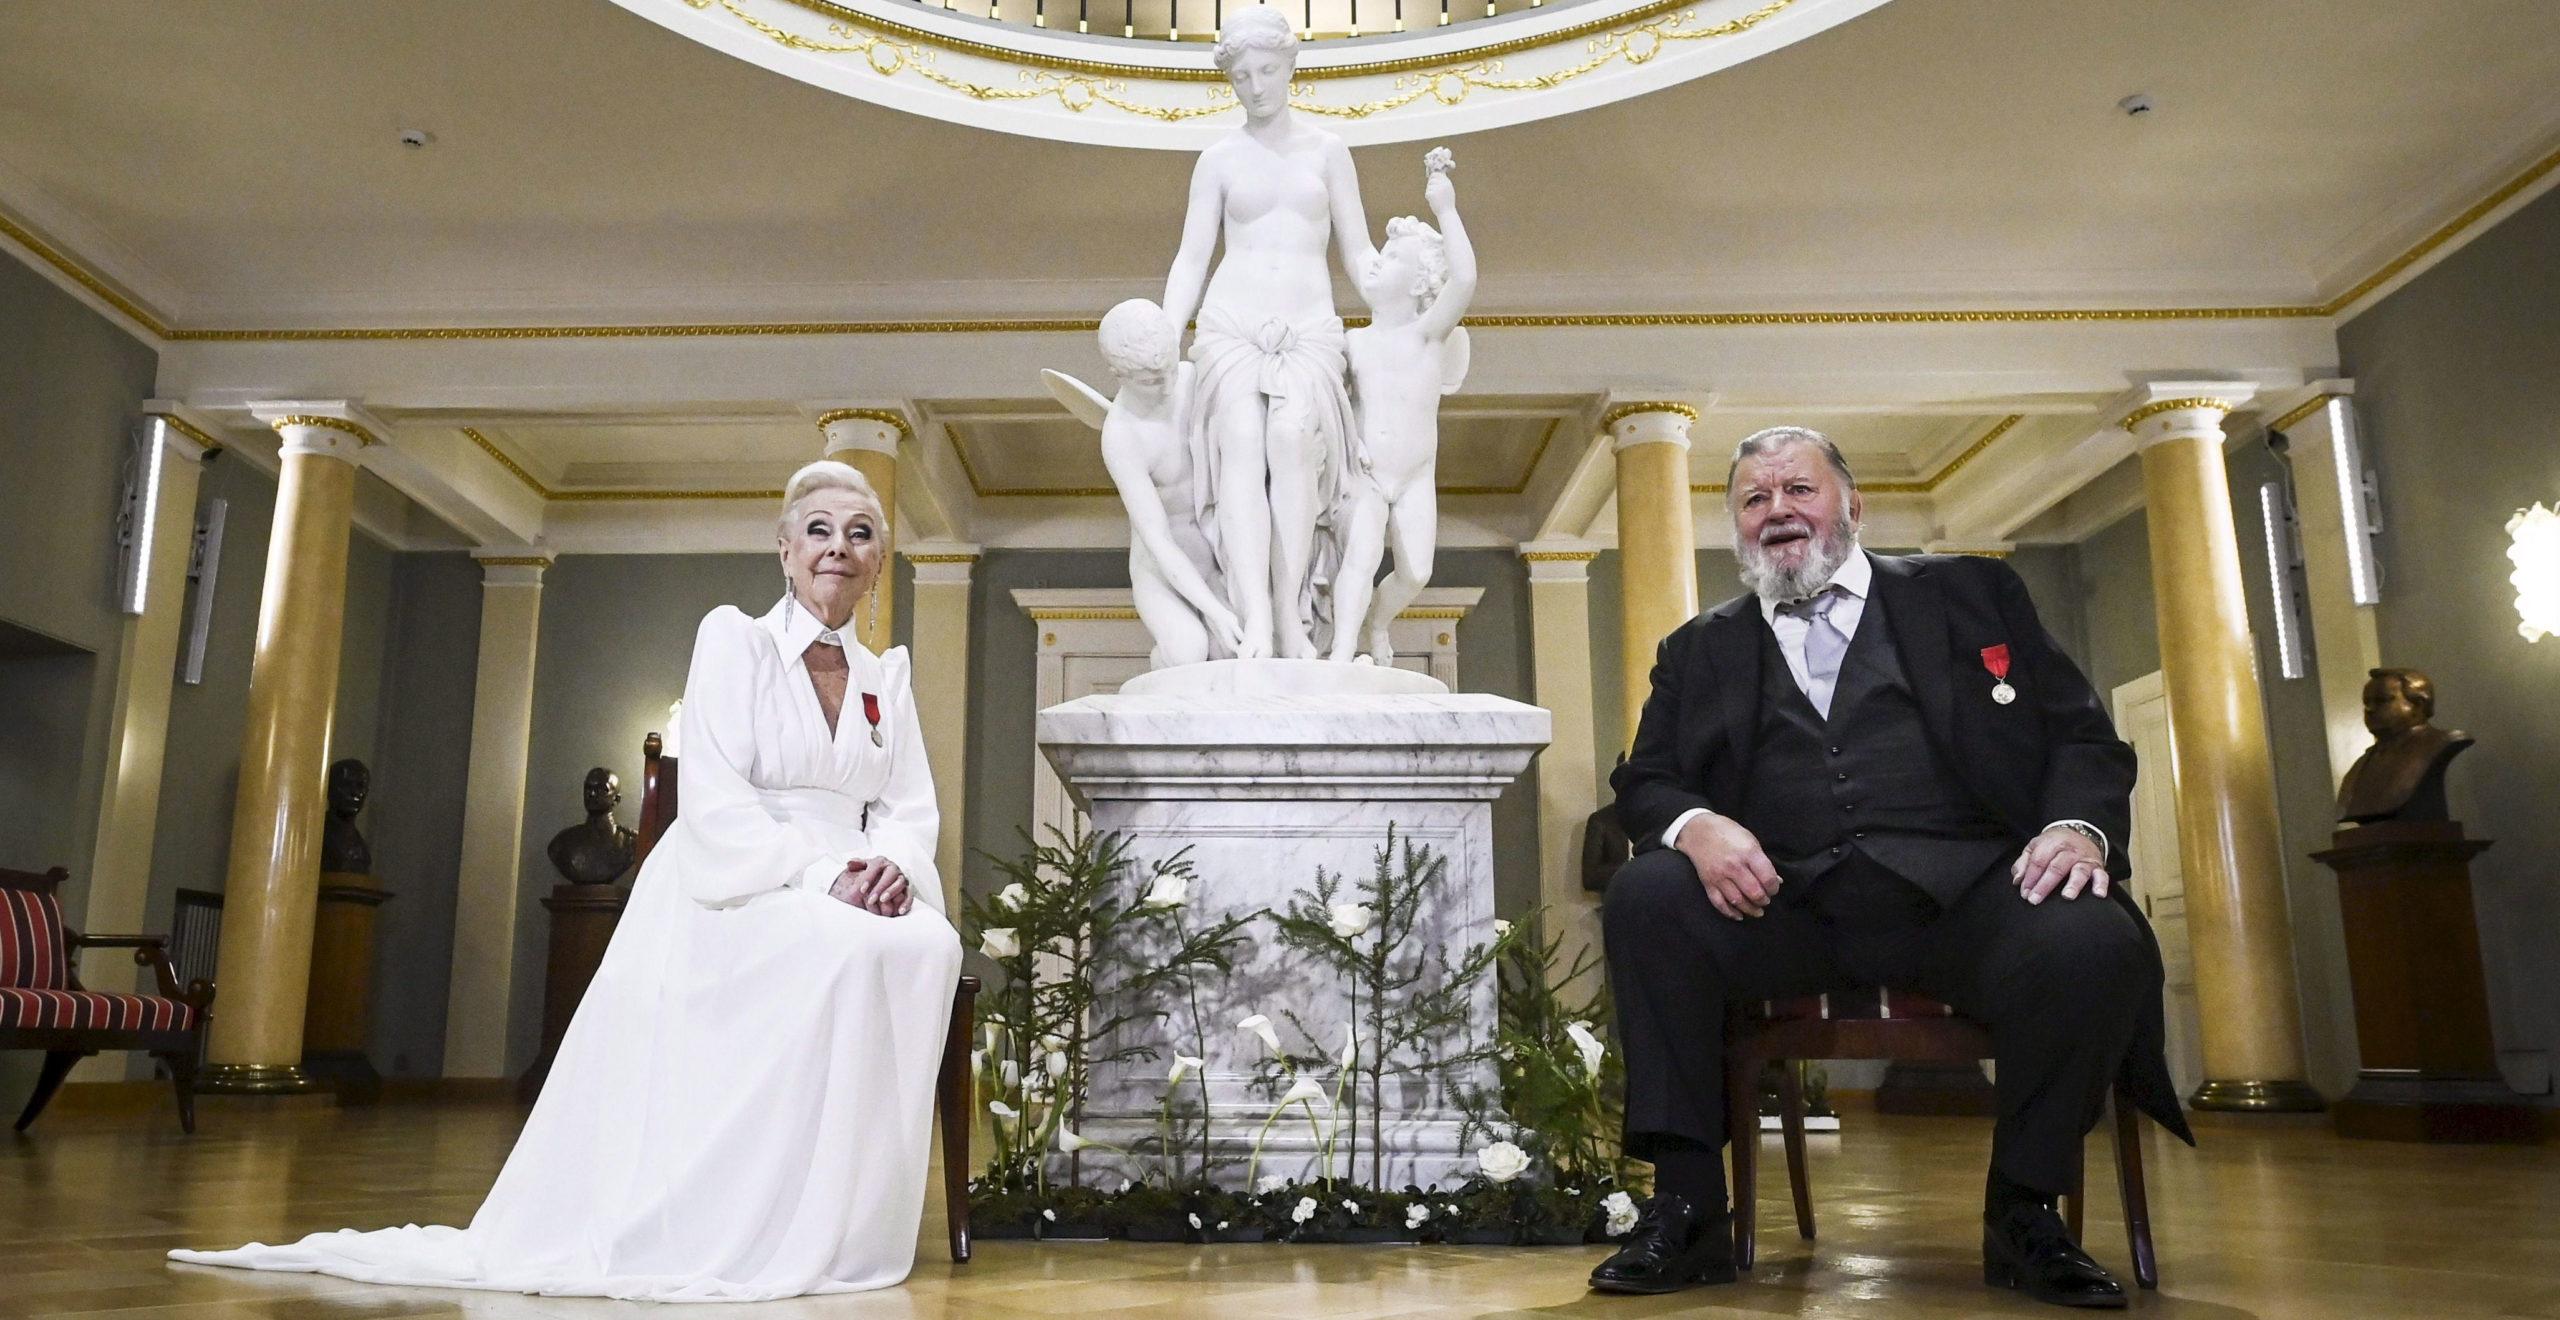 Näyttelijät Seela Sella (vasemmalla) ja Esko Salminen esittivät ohjelmassa kokoelman runoja.